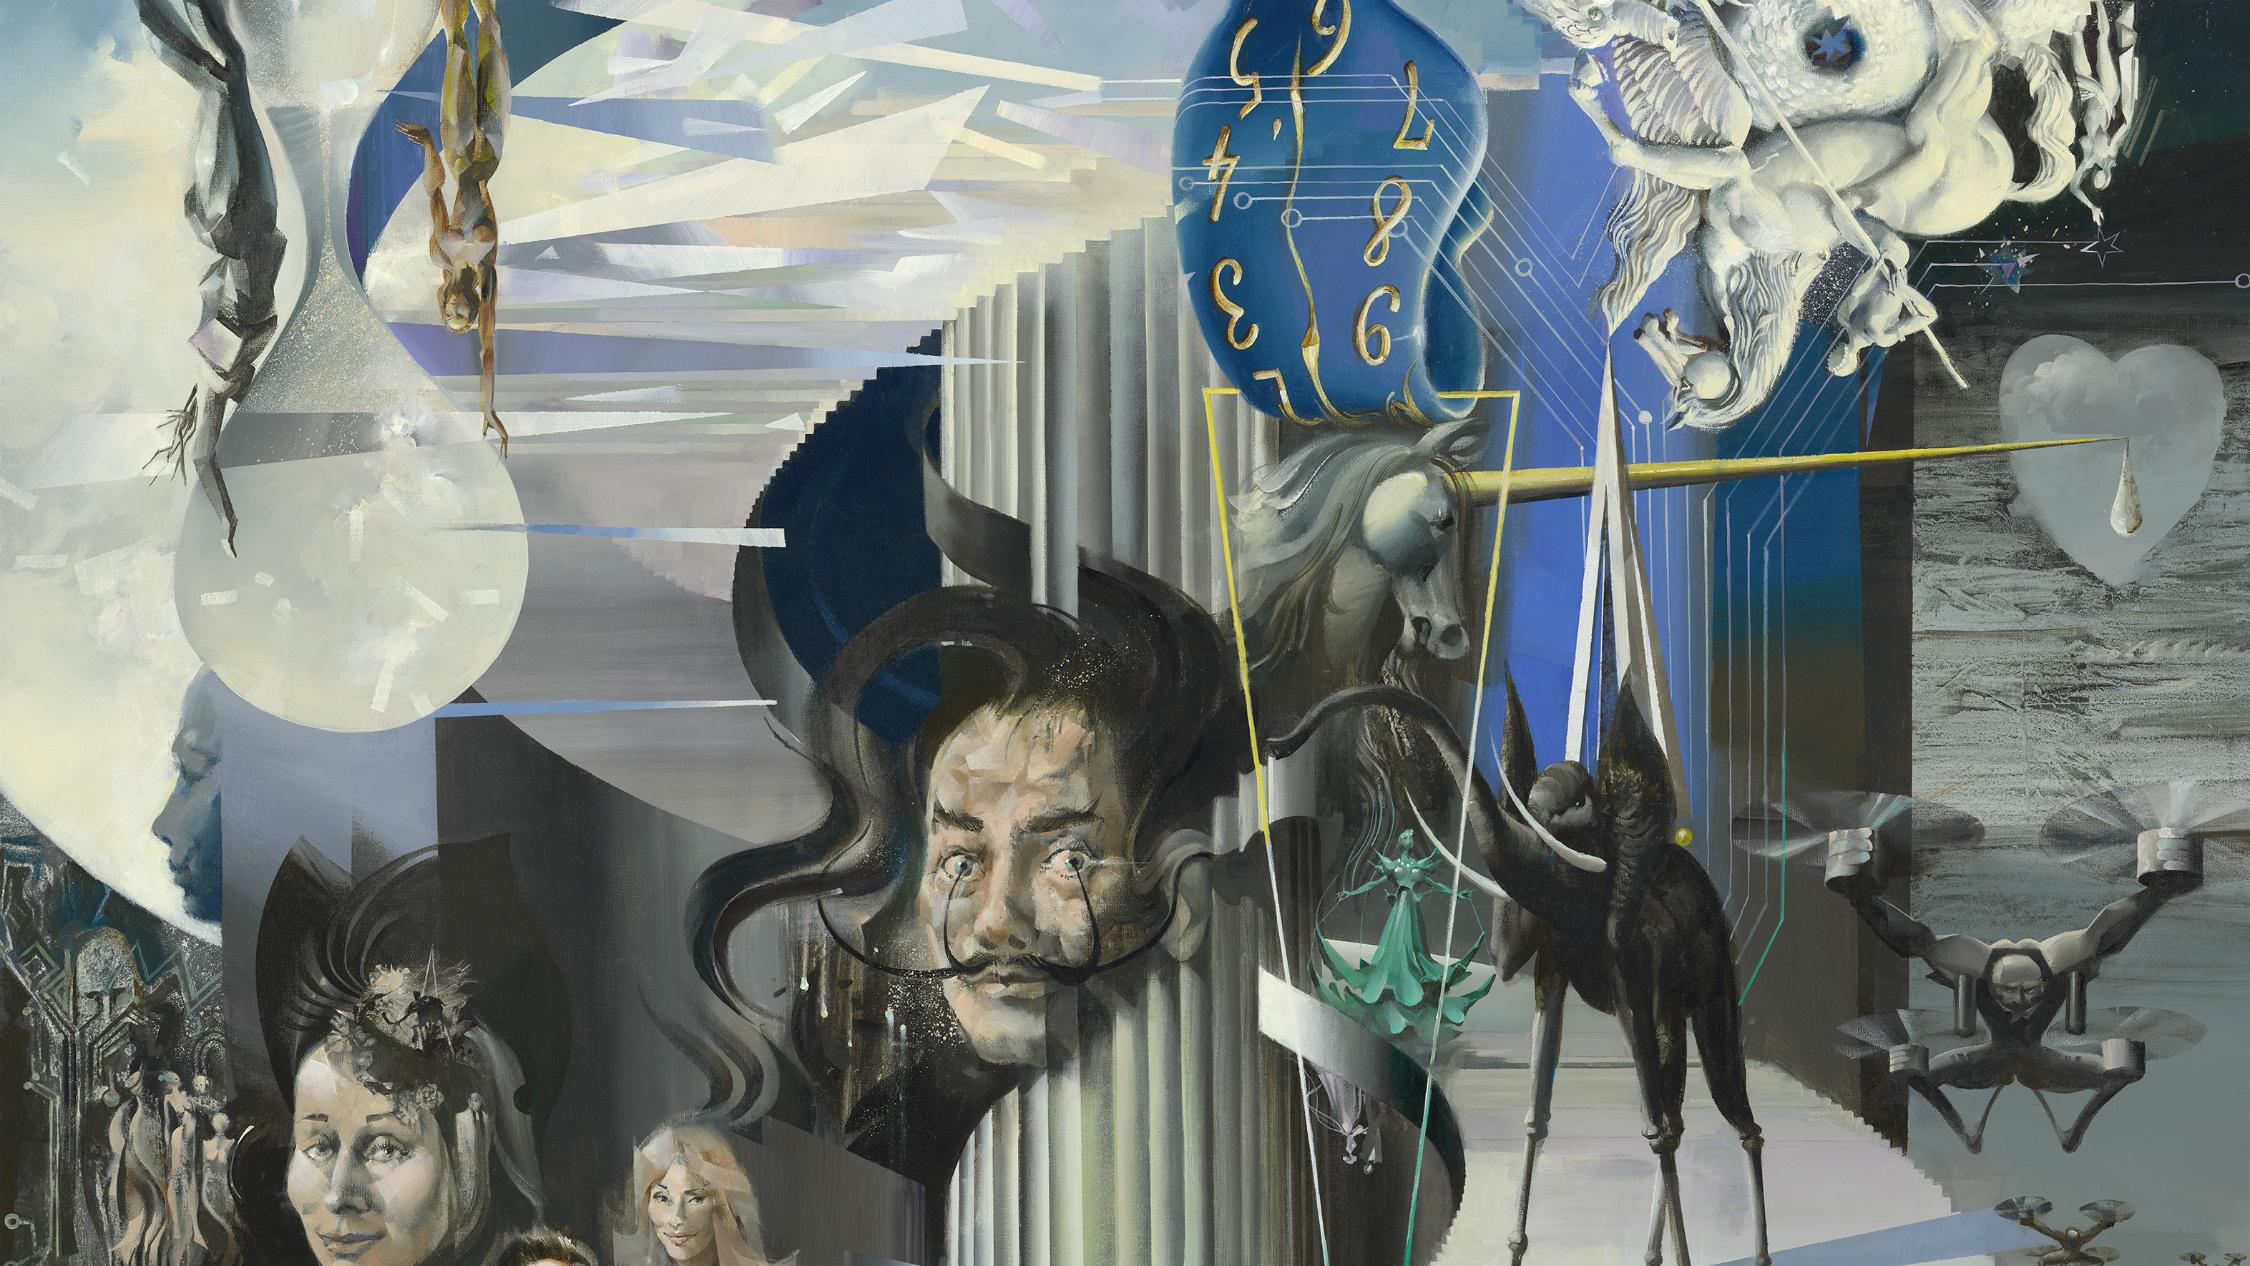 The Dalí Universe